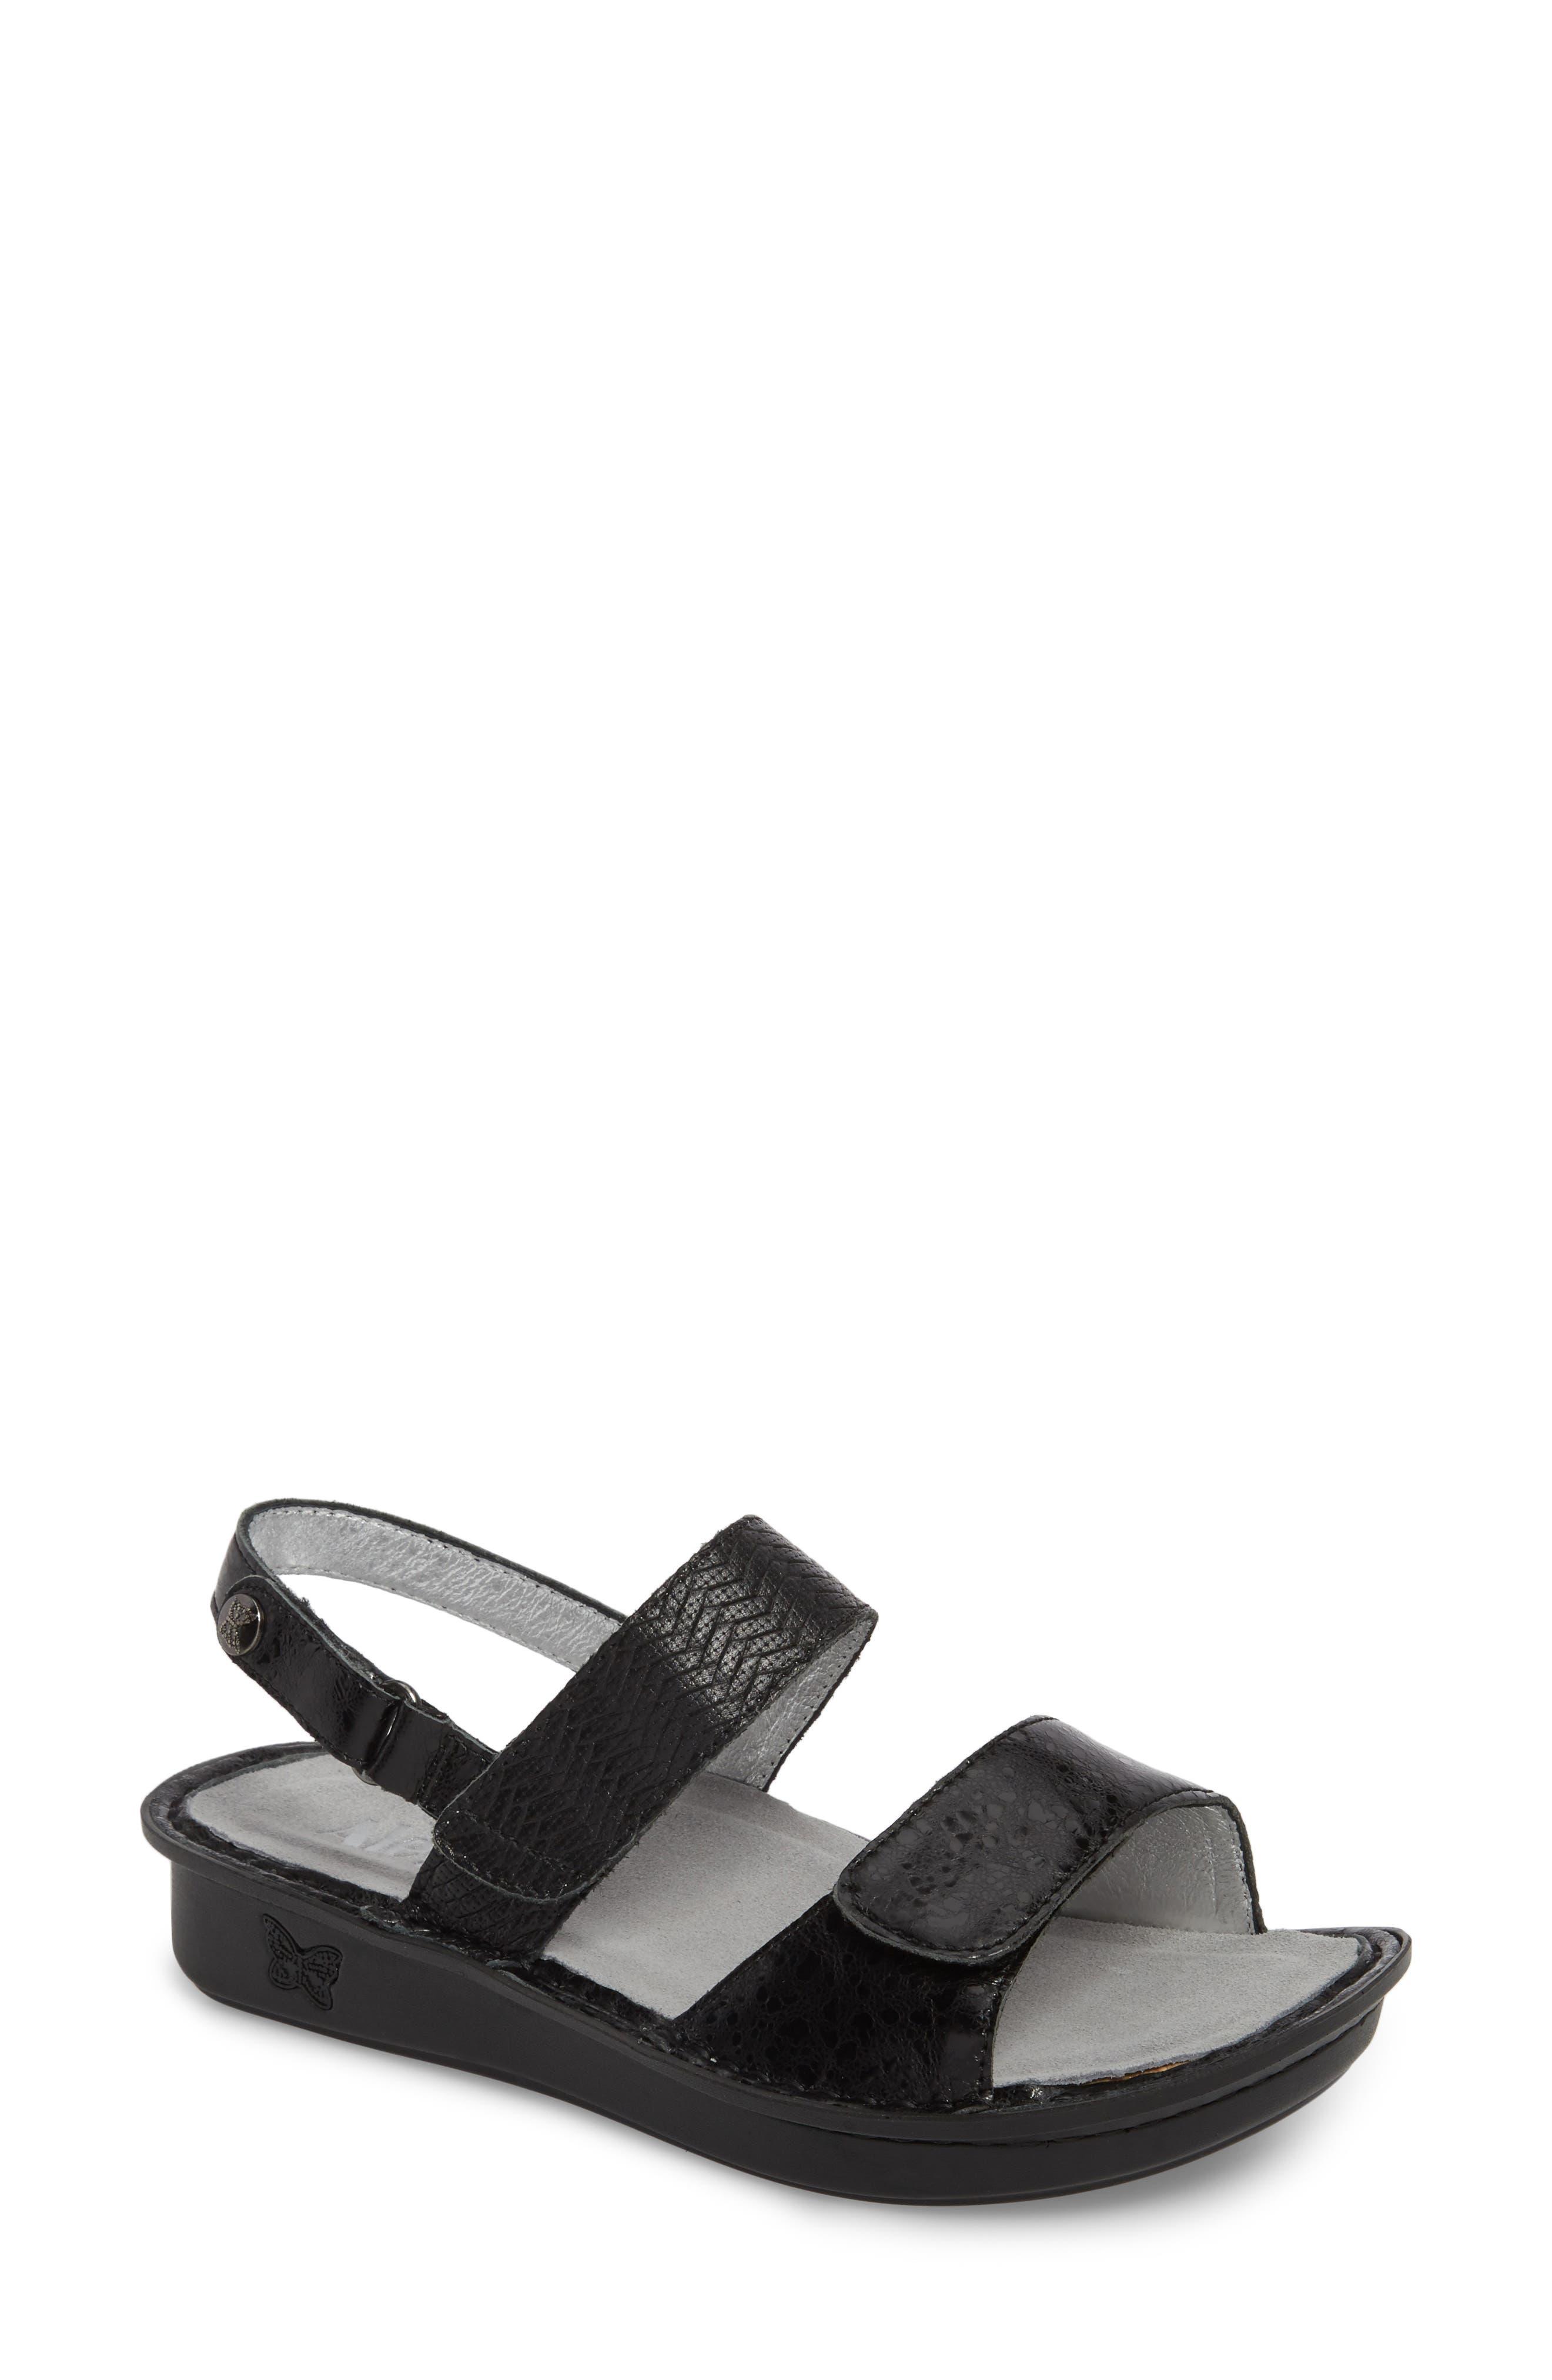 Women's Alegria 'Verona' Sandal